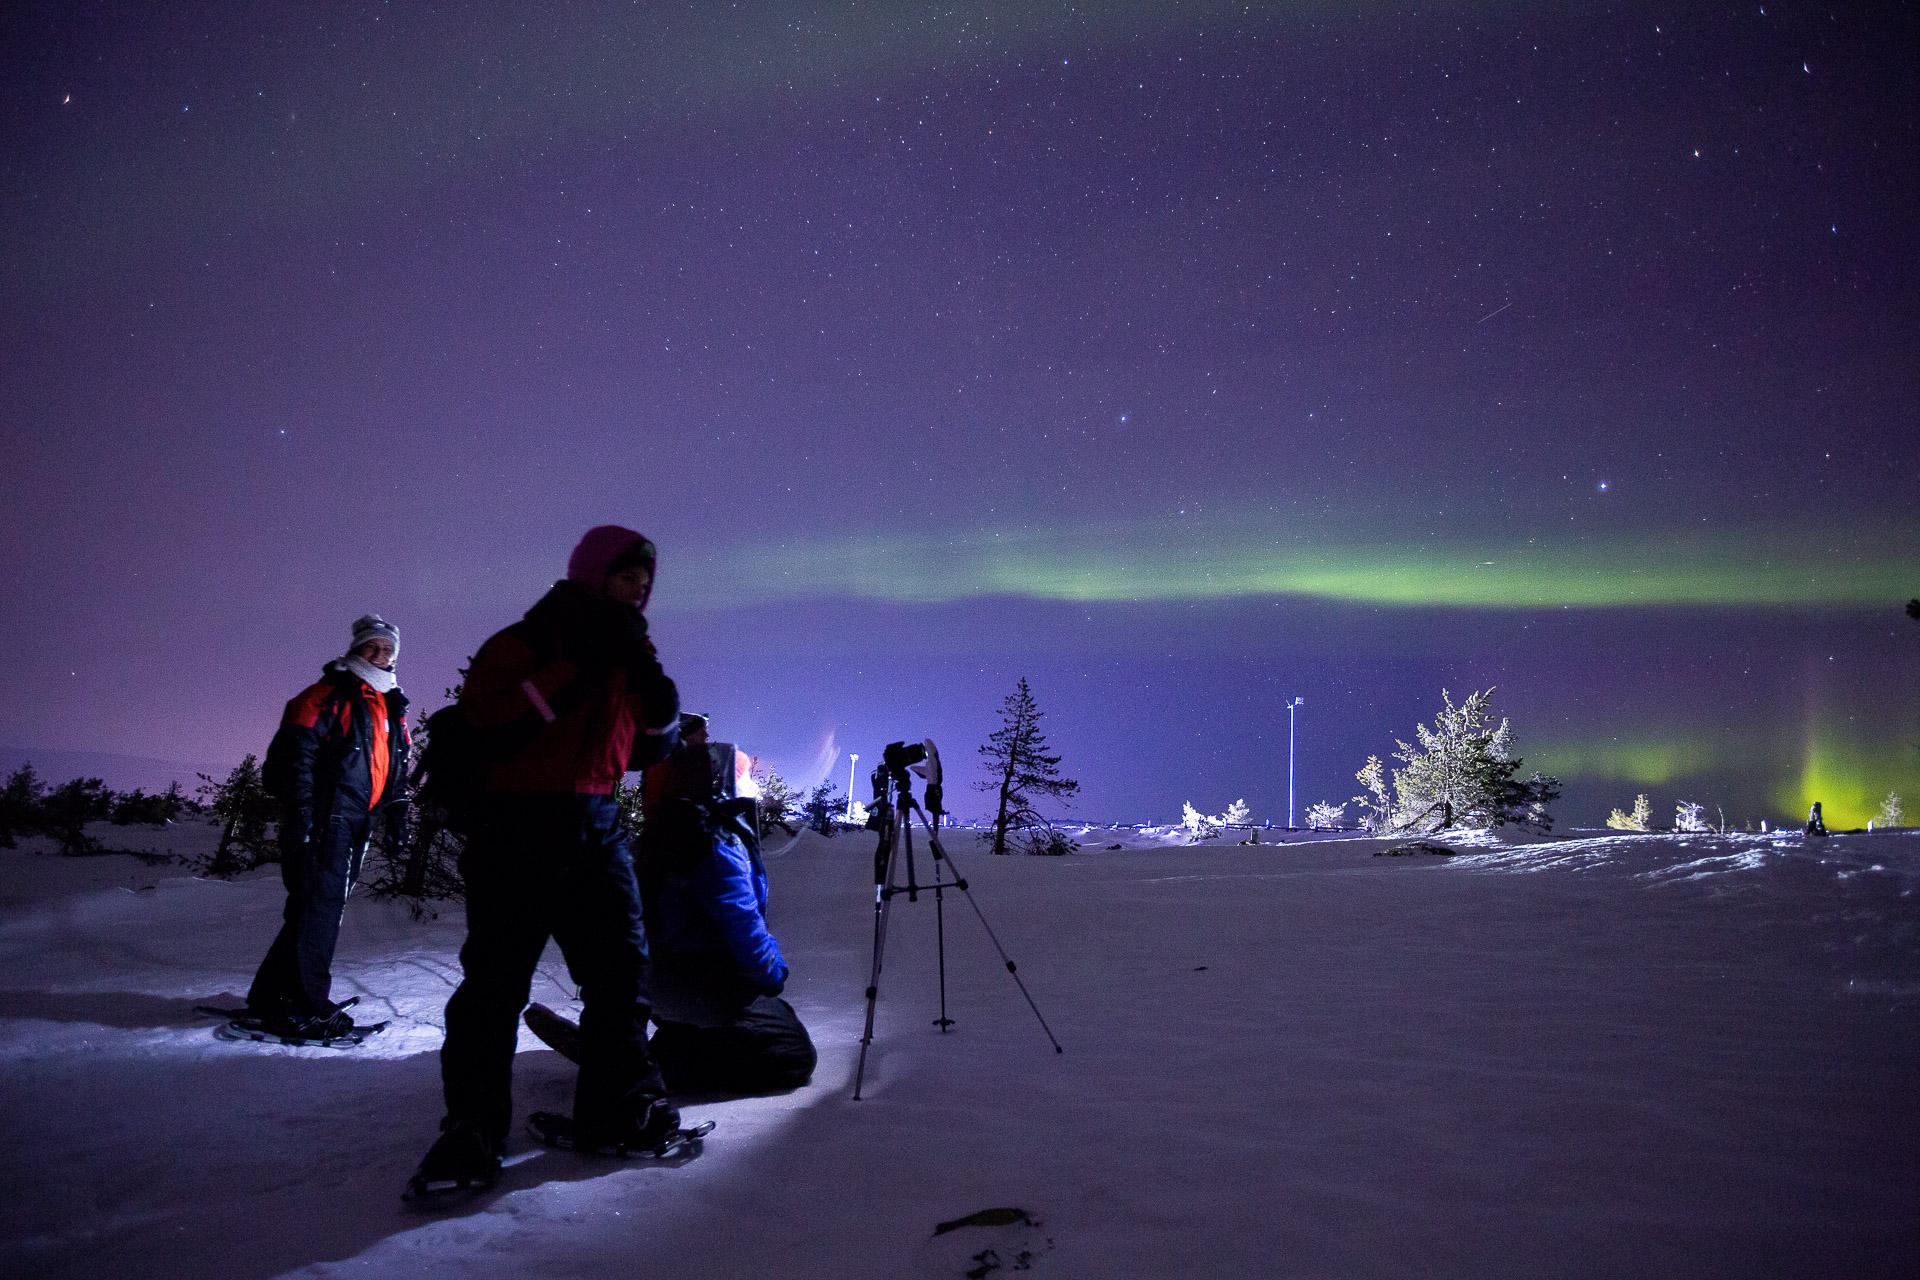 """Bei unserer <a href=""""https://www.diefotofuechse.com/de/fotoreisen/fotoreise-finnland/"""" target=""""_blank"""" rel=""""noopener noreferrer"""">Fotoreise in der finnischen Winternacht</a> gemeinsam auf der Jagd nach Polarlicht. Da kann es auch etwas spätere Nacht oder früher Morgen werden."""